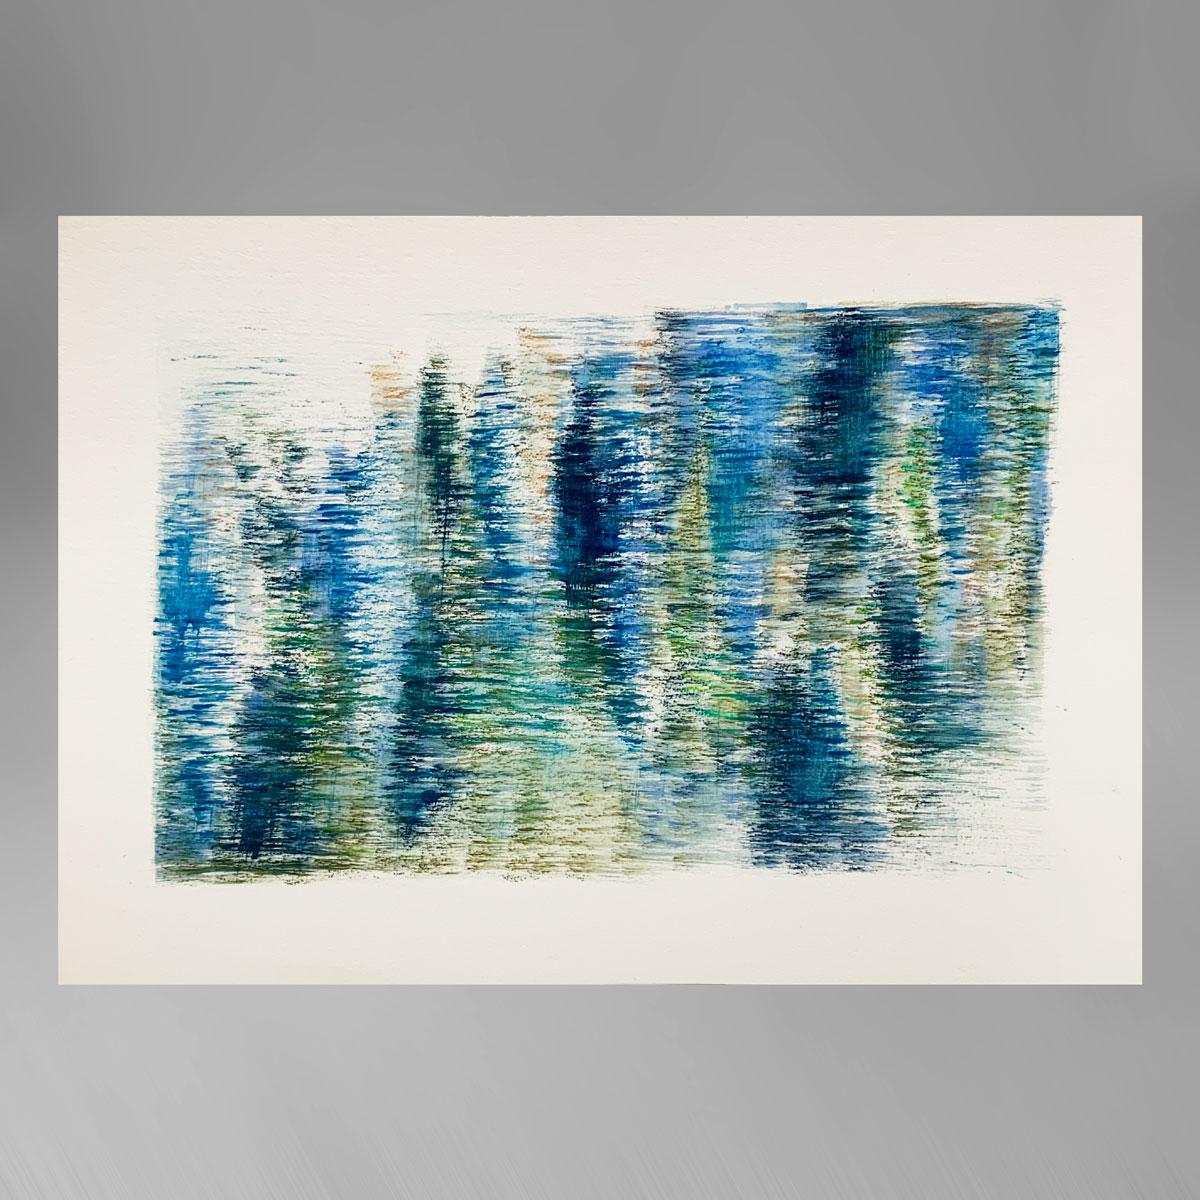 Rupert Muldoon Cast light: Marine blue